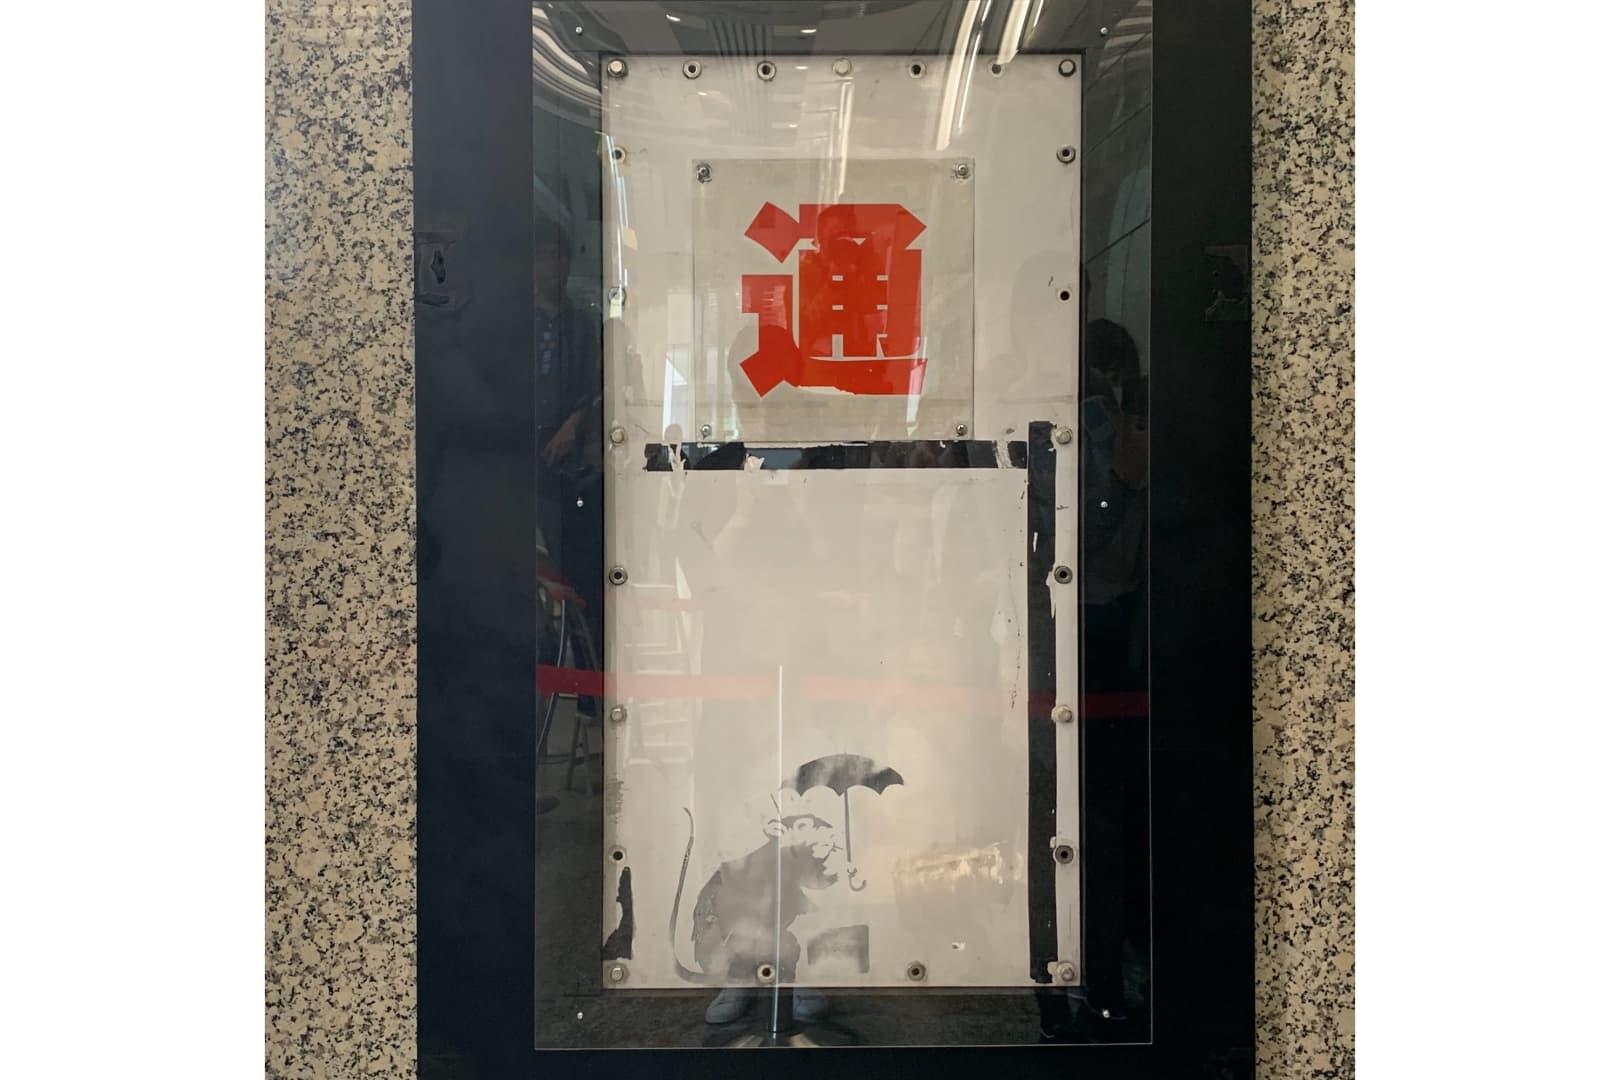 「バンクシー作品らしきネズミの絵」、東京都庁で一般公開がスタート